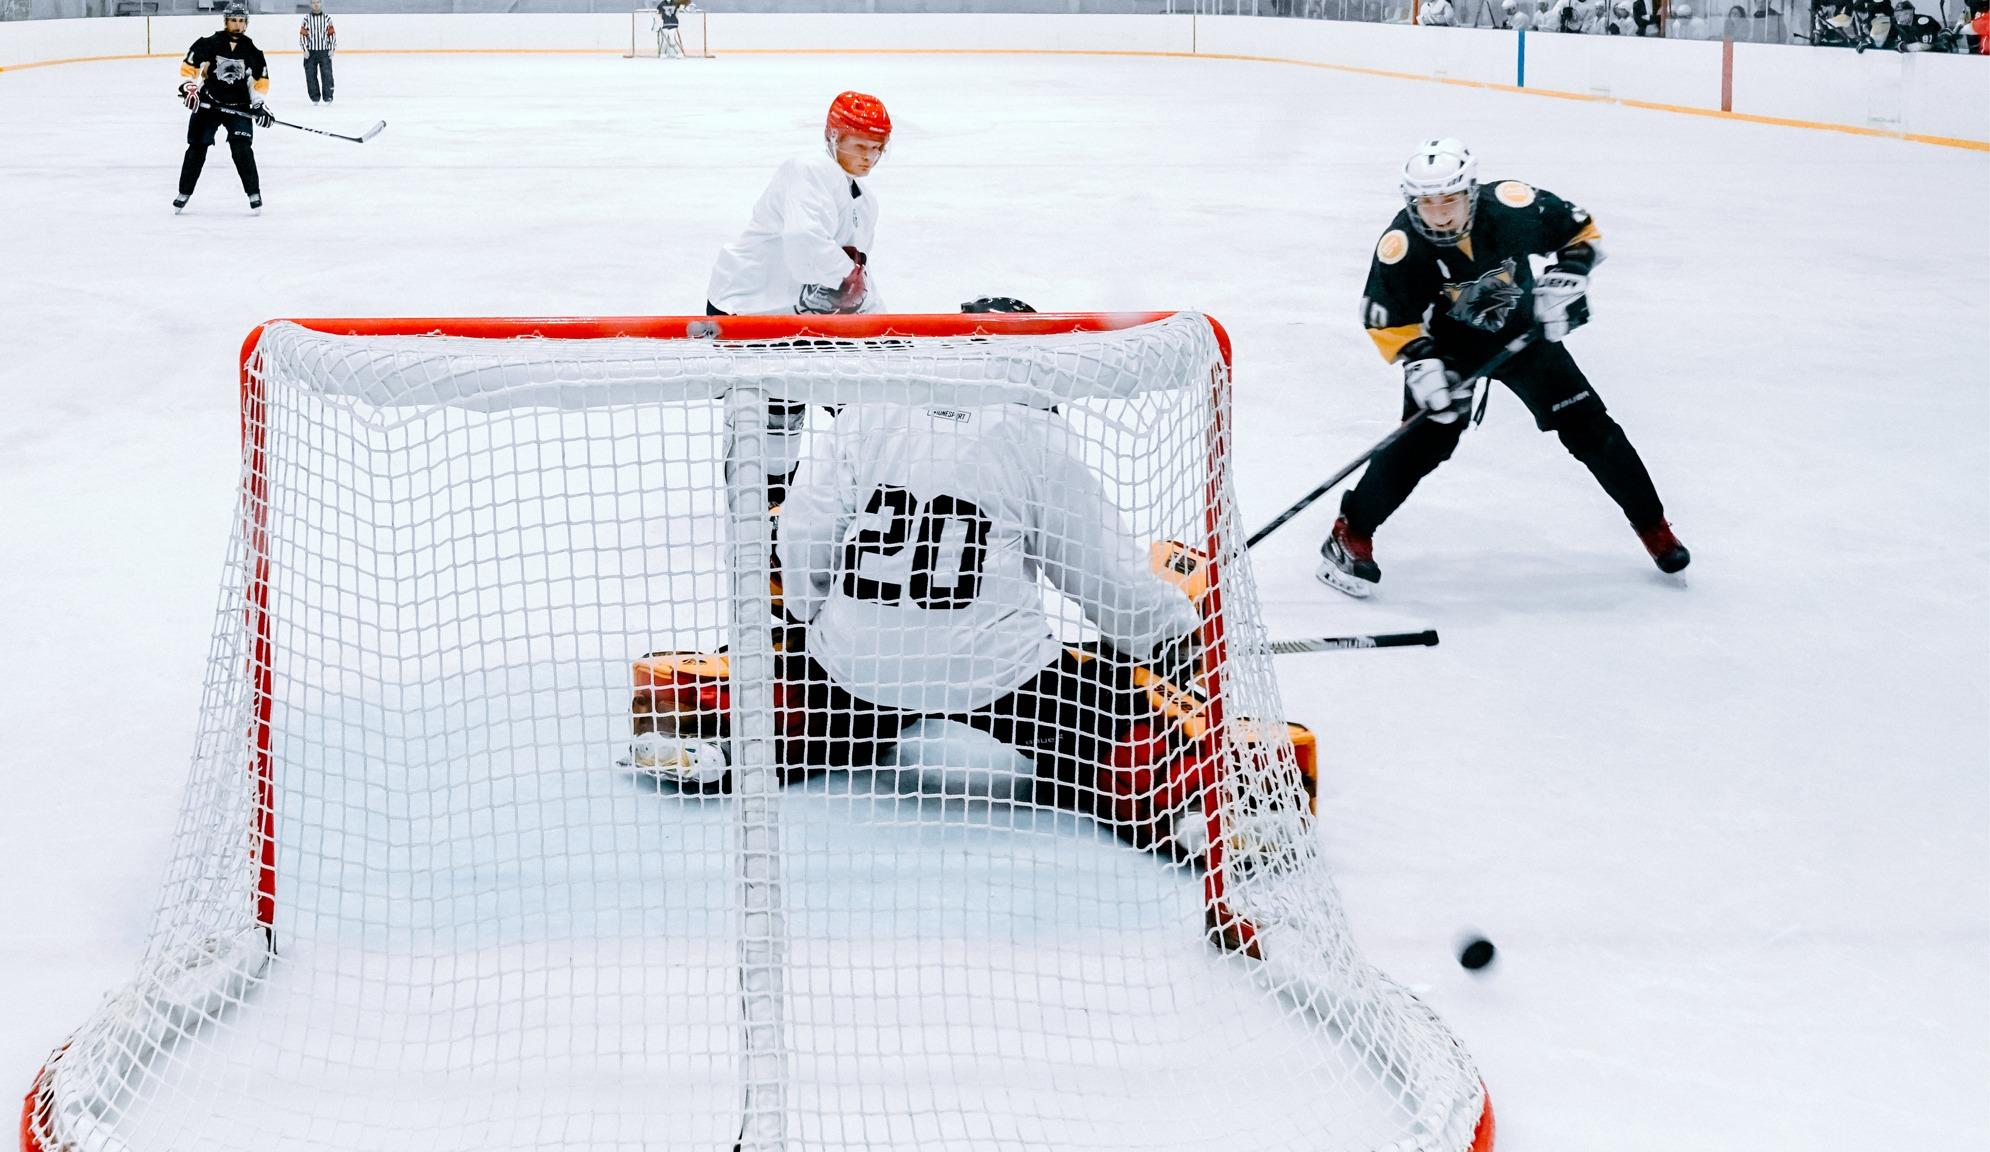 Badgy - Témoignage du club de hockey